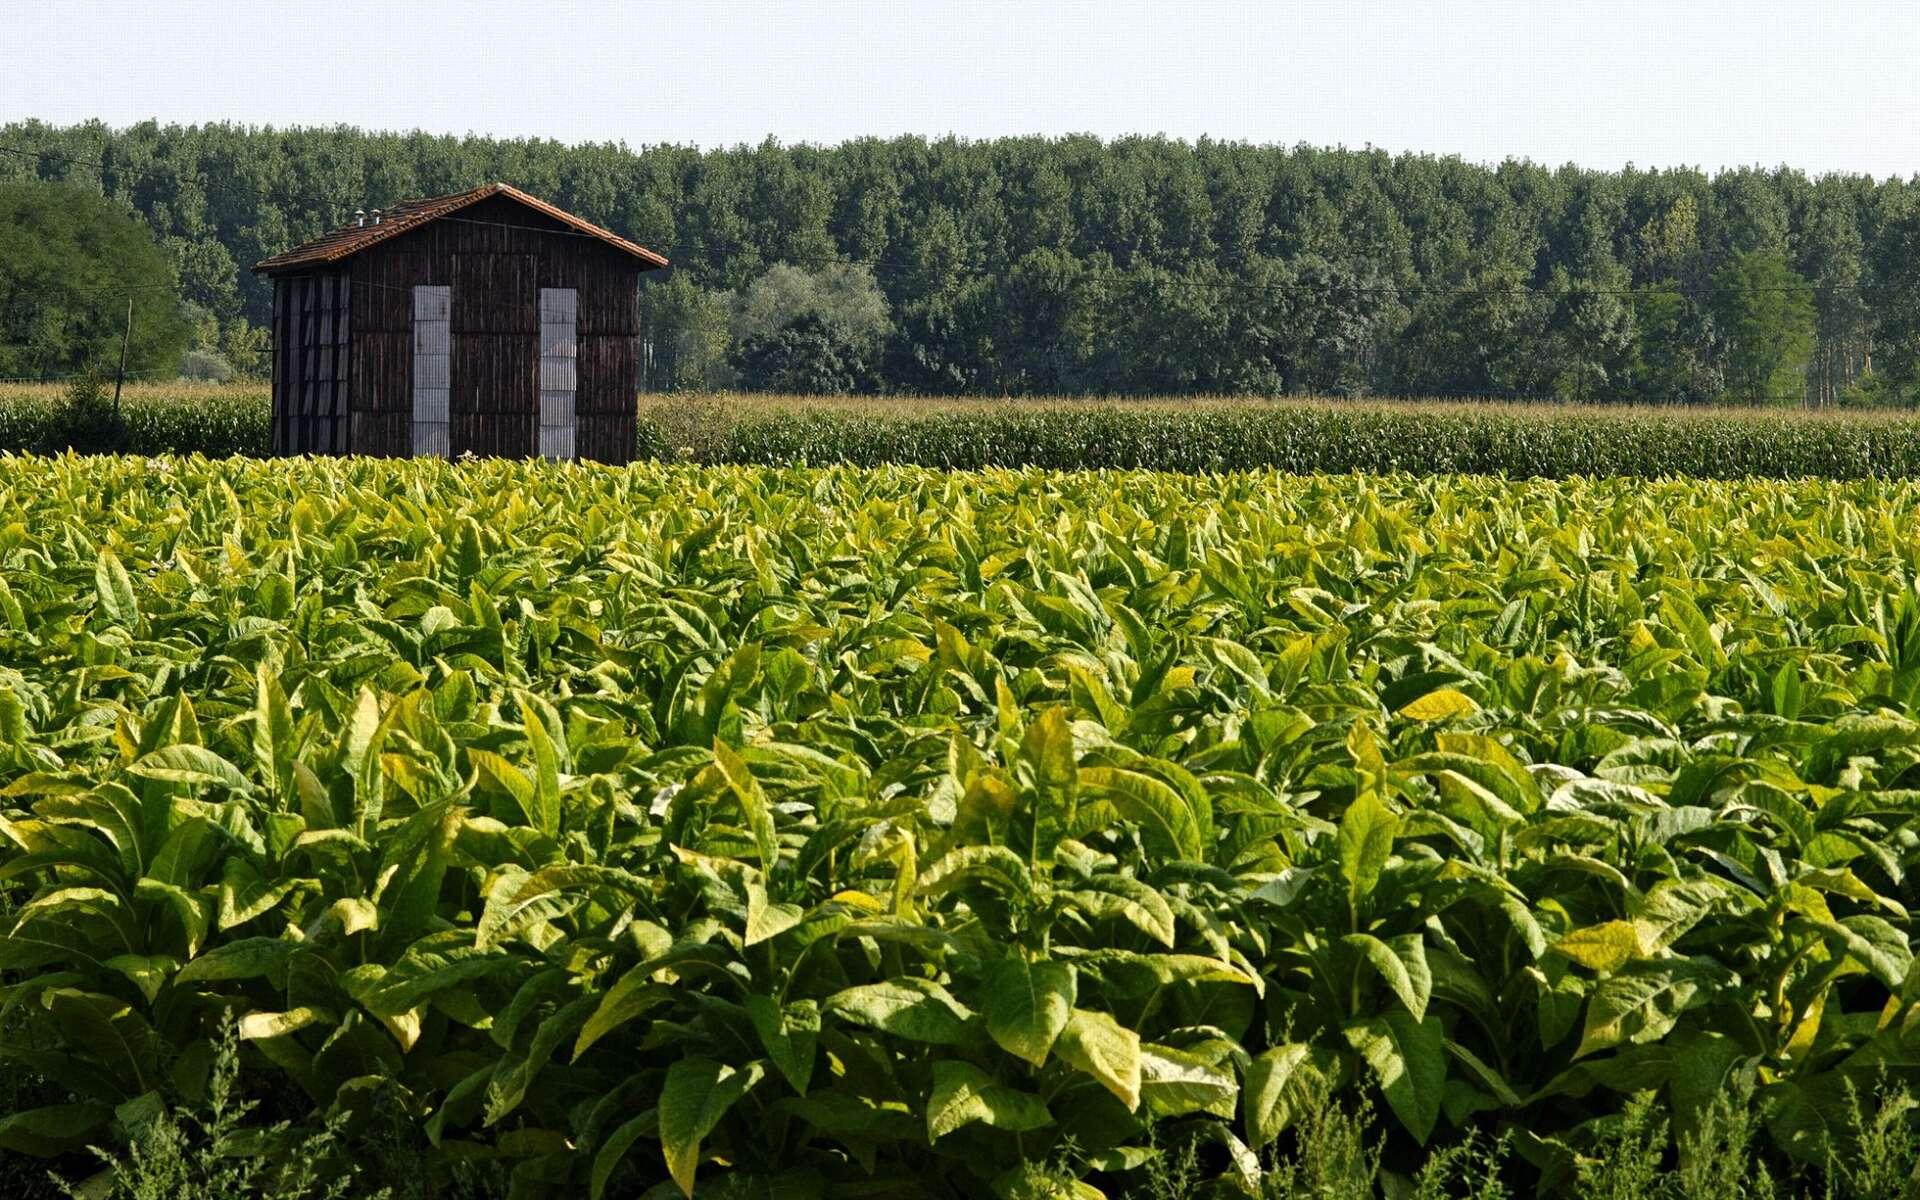 Plantation de tabac dans le Lot-et-Garonne ; séchoir à tabac en arrière-plan. © Roméo Balancourt.